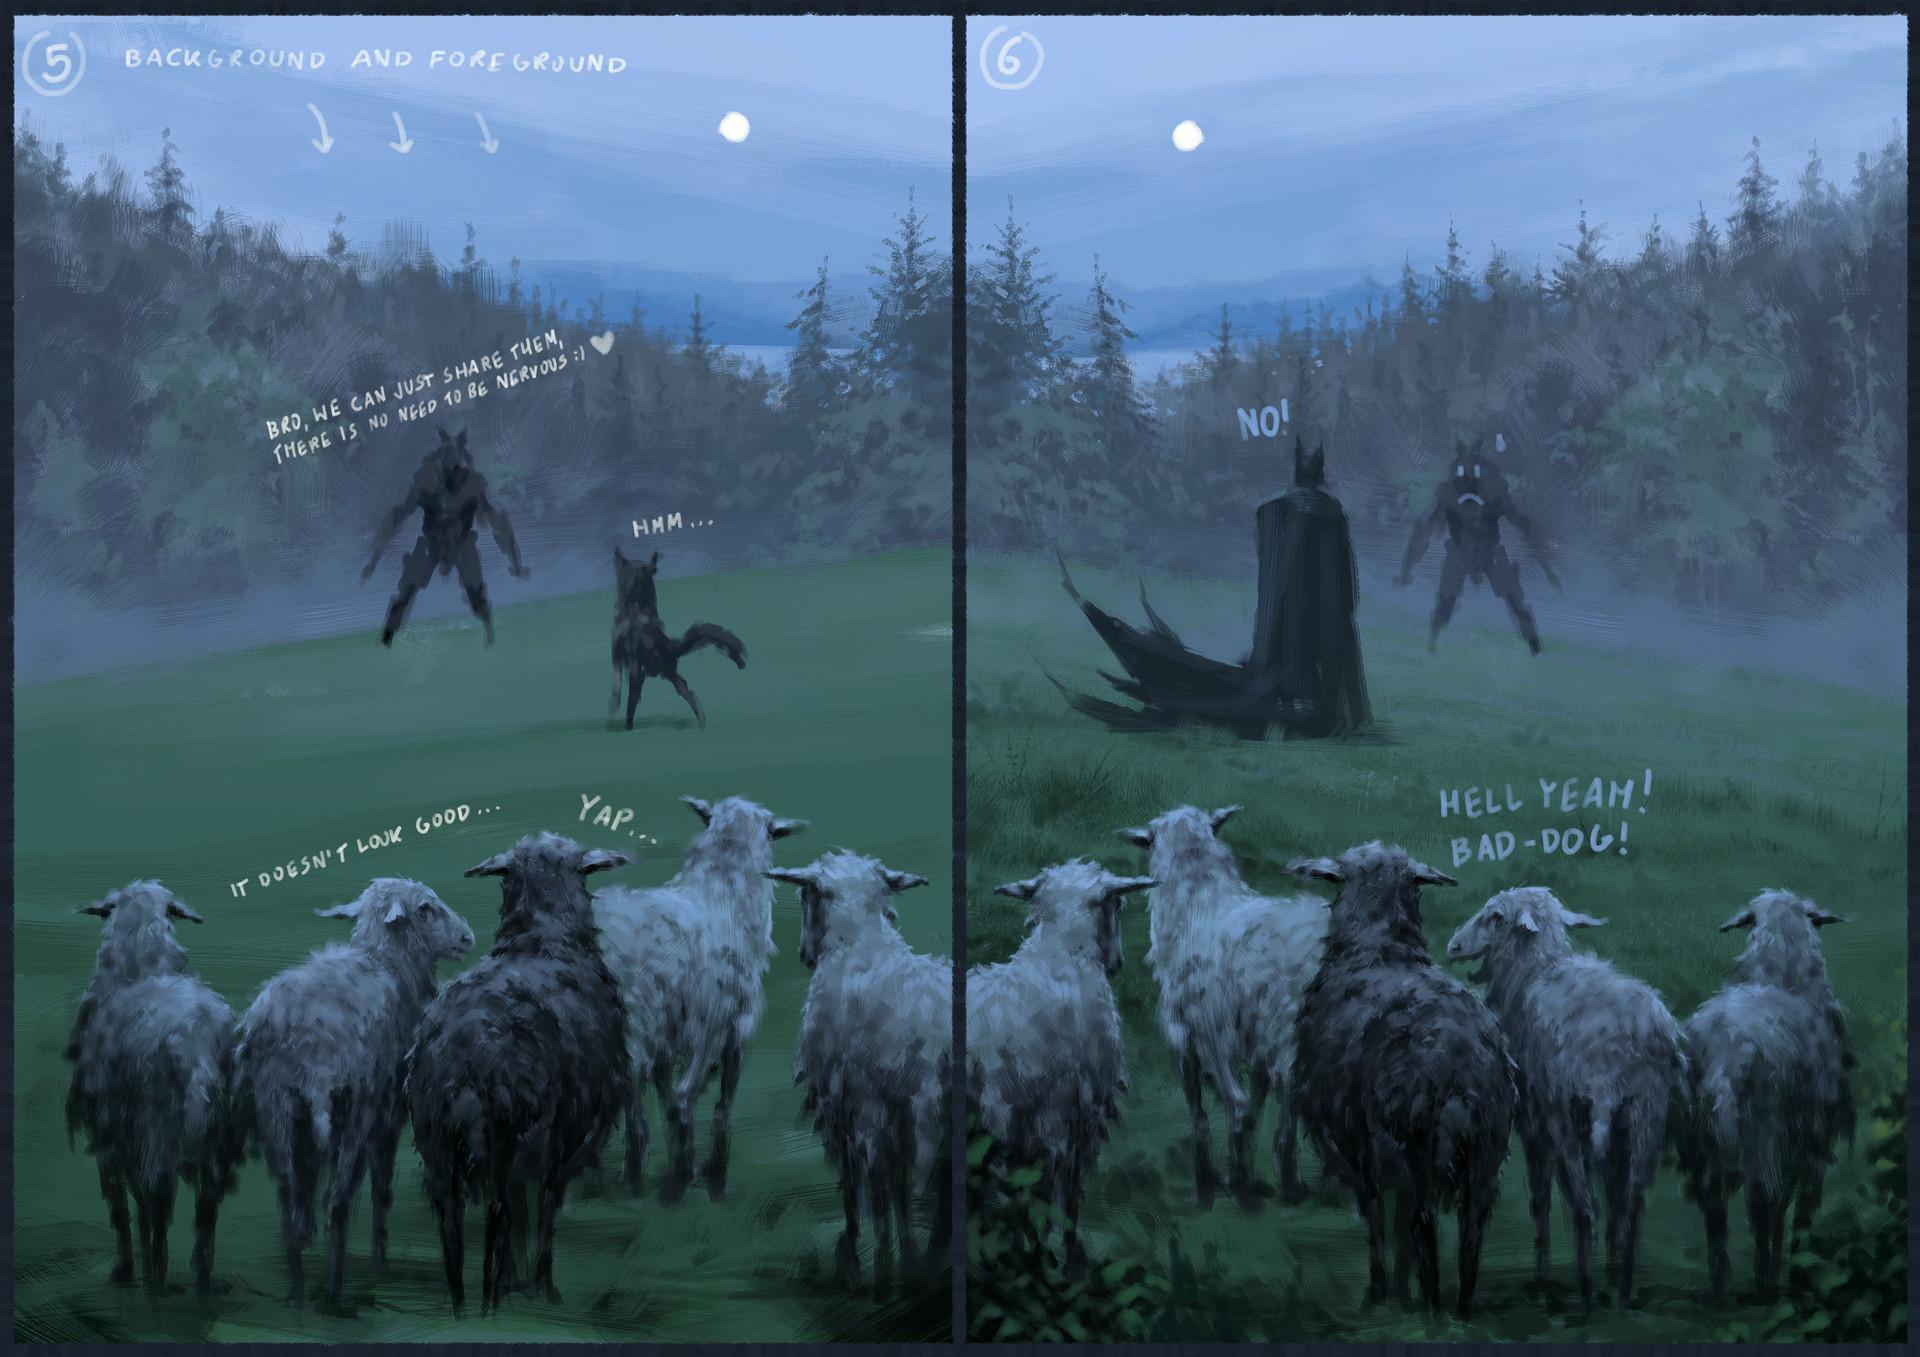 Jakub rozalski wilk syty owca cala process03